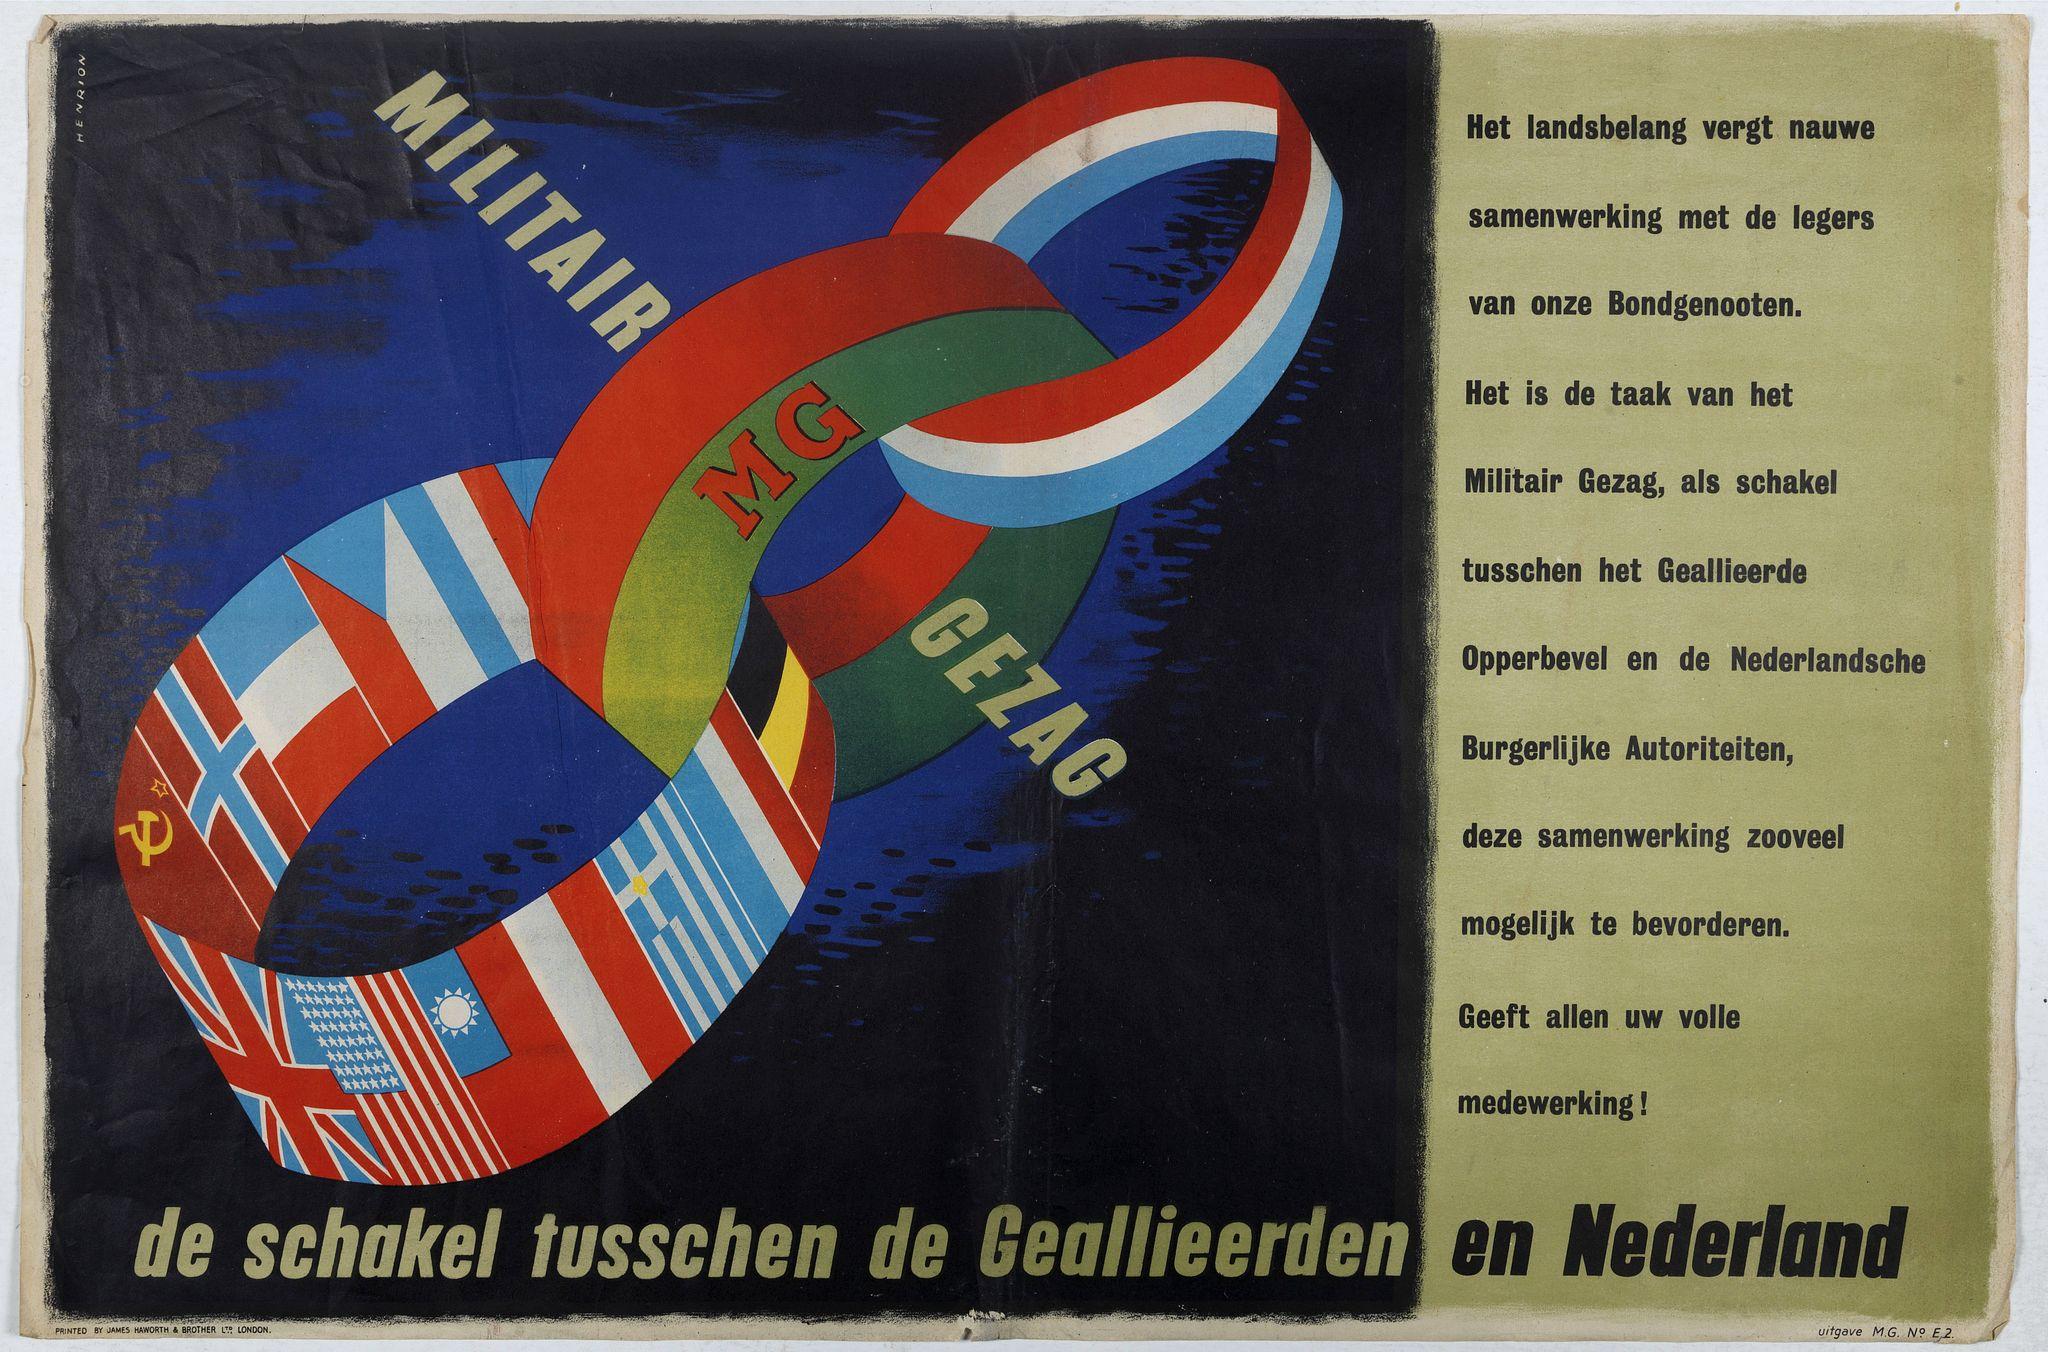 HENRION, F. H. K. -  MG Militair Gezag. De schakel tusschen de Geallieerden en Nederland.